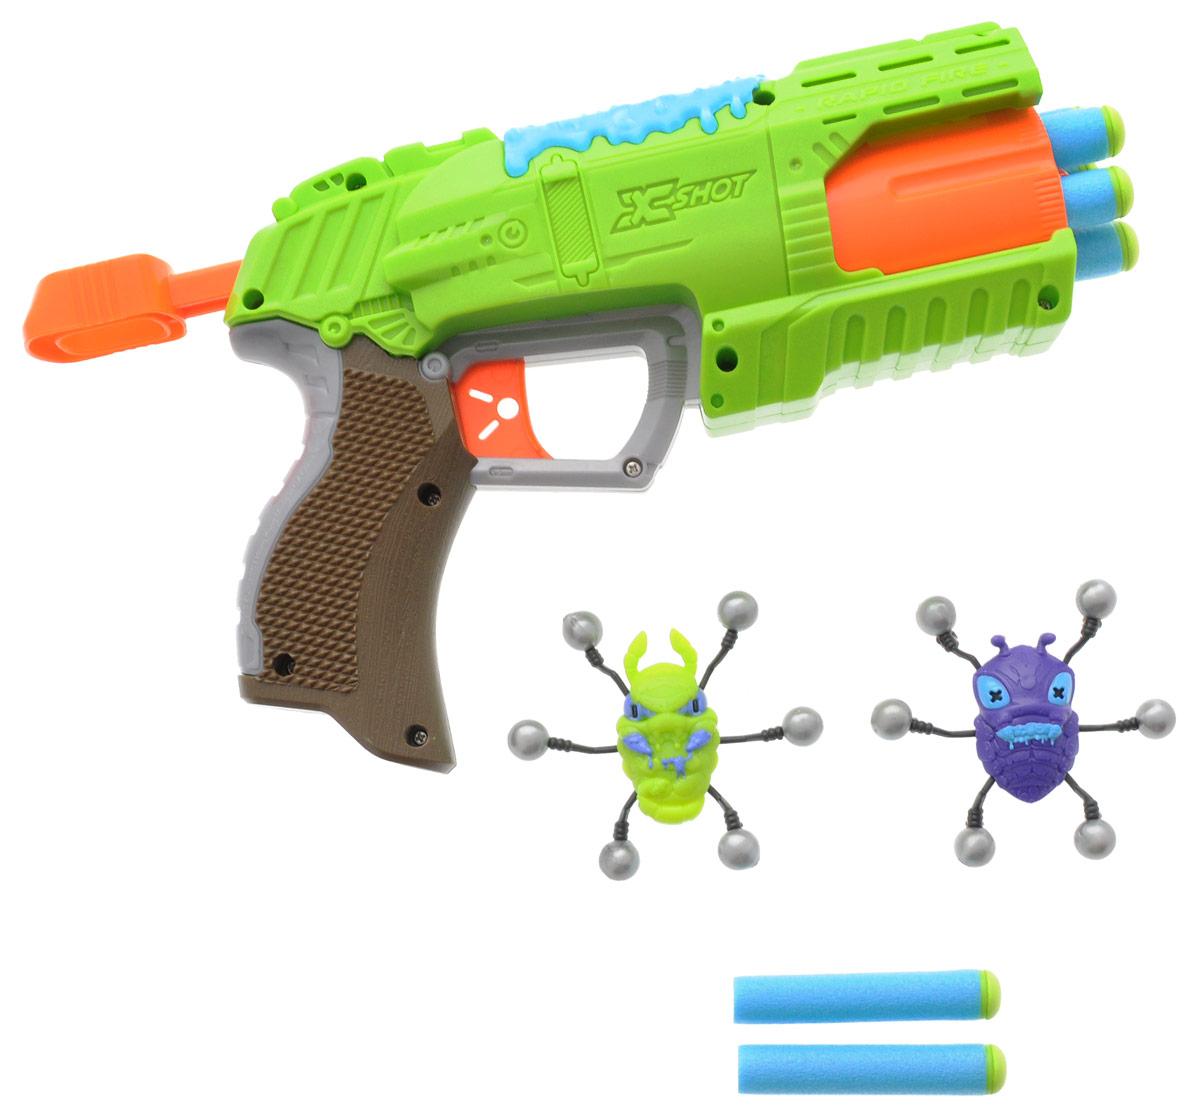 XSHOT Бластер Атака пауков бластер x shot атака пауков зеленый коричневый красный 4815